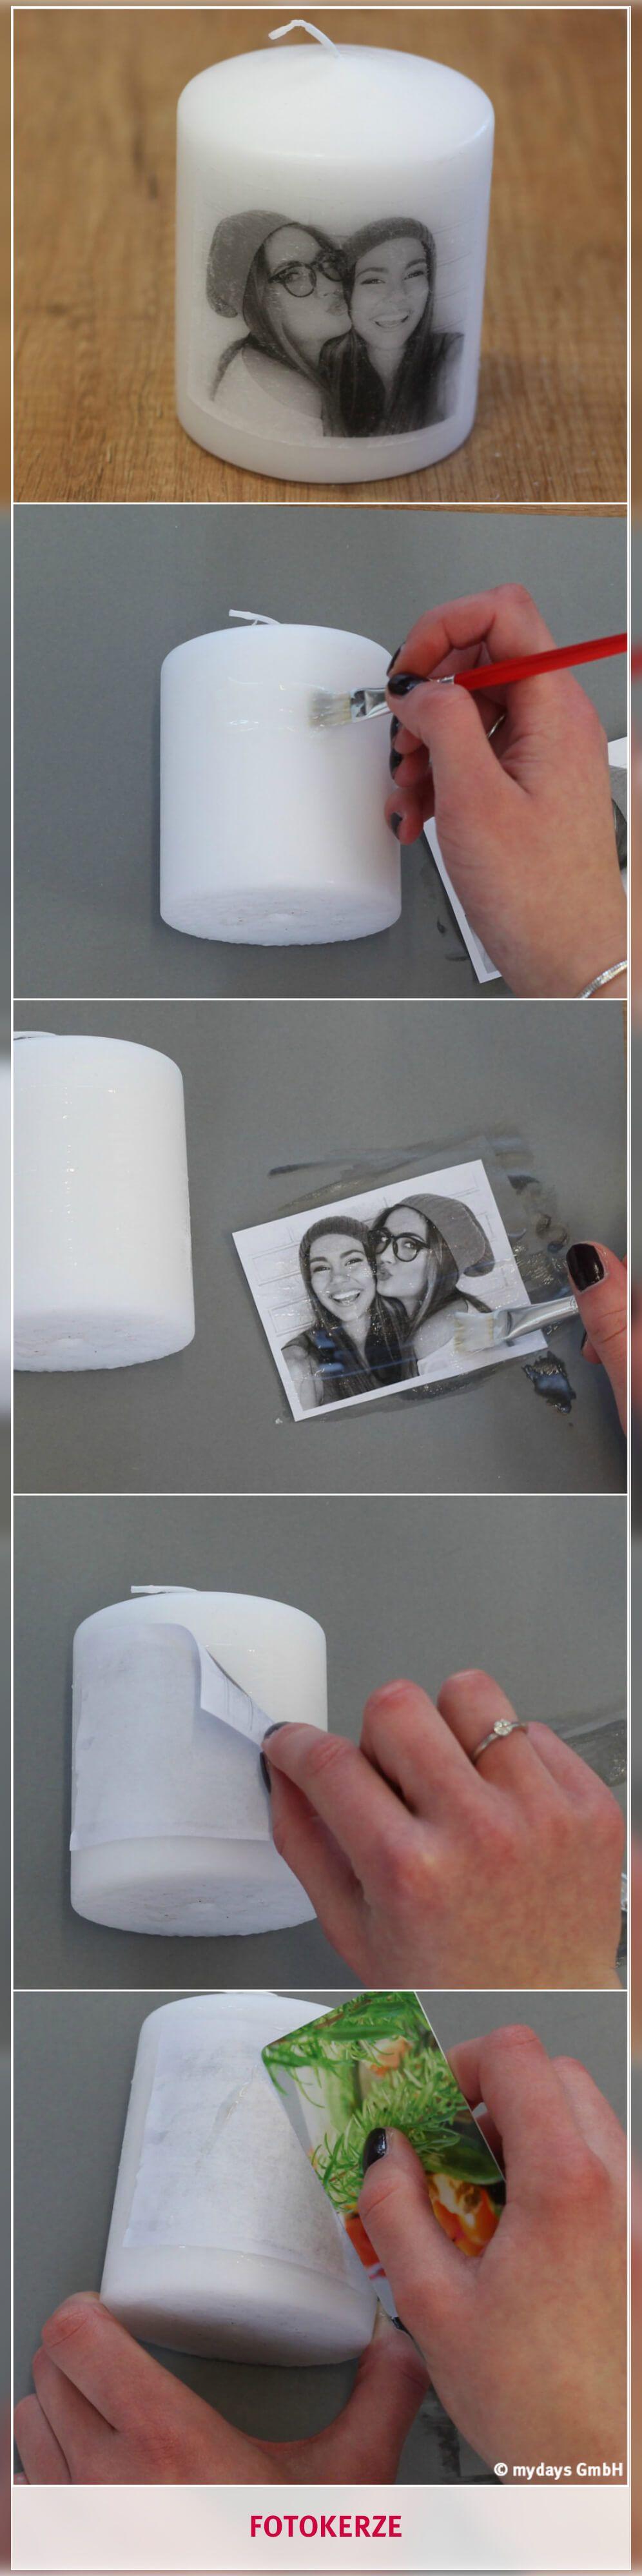 DIY Fotokerze – Bringe Erinnerungen zum Leuchten #weihnachtsgeschenkebasteln